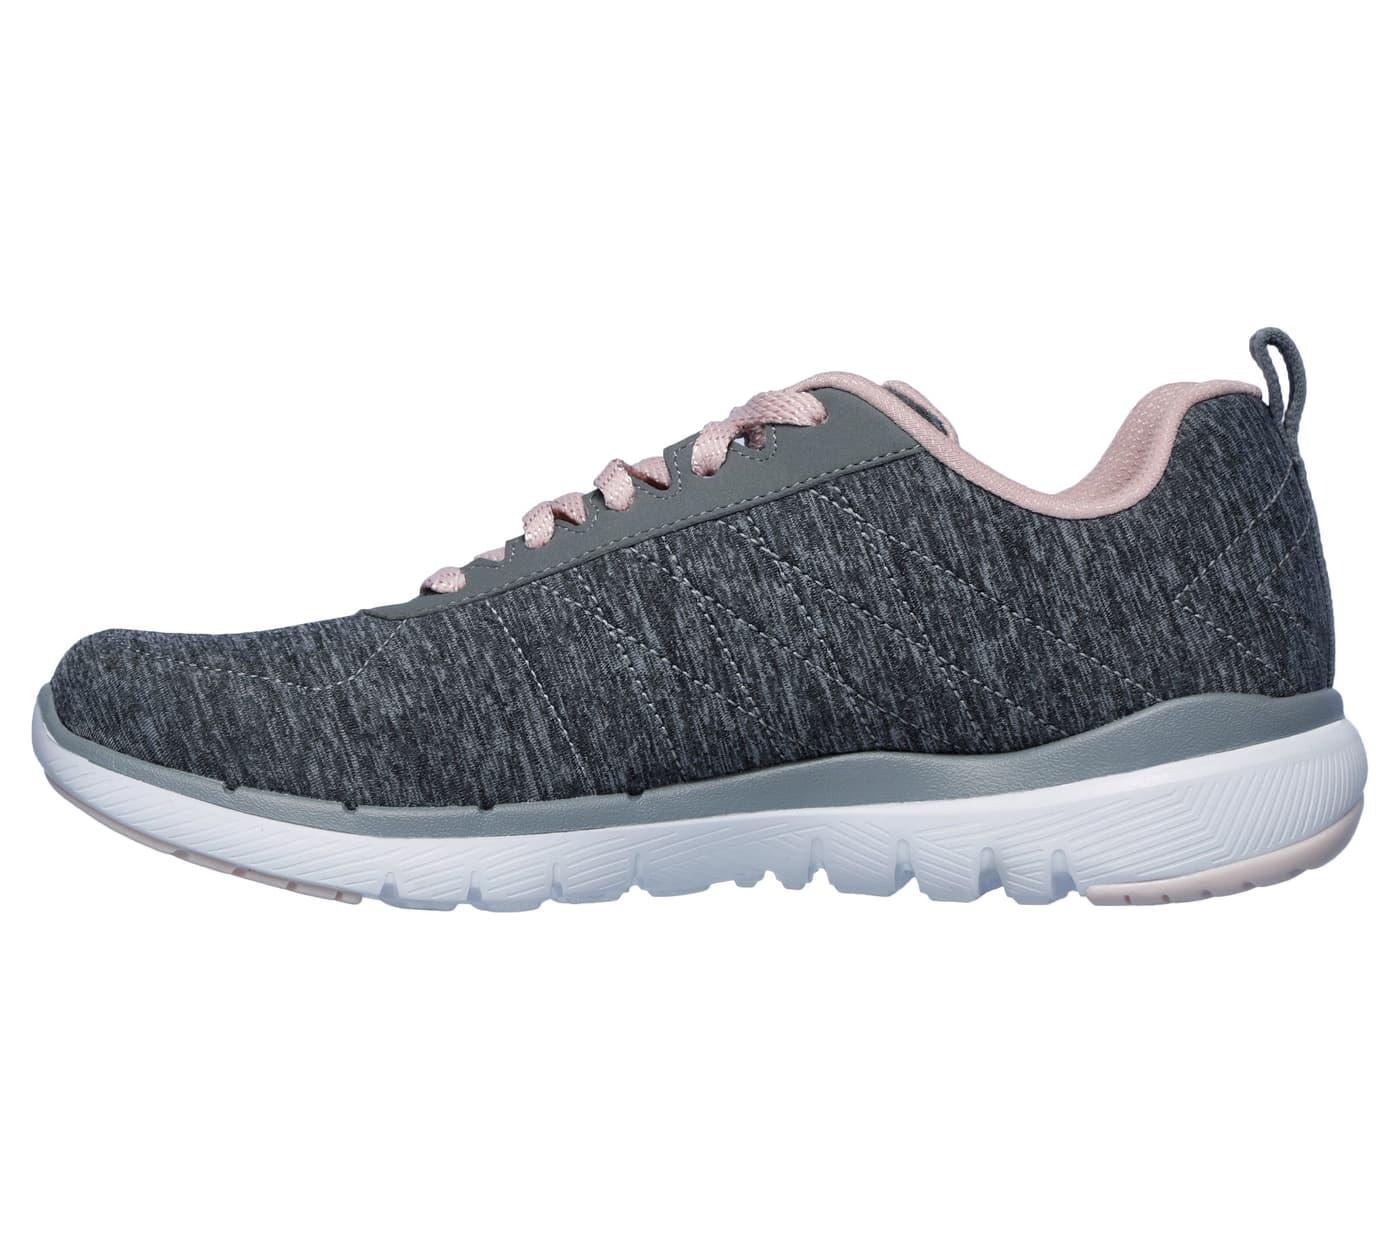 Skechers Flex Appeal 3.0 Scarpa da donna per il tempo libero